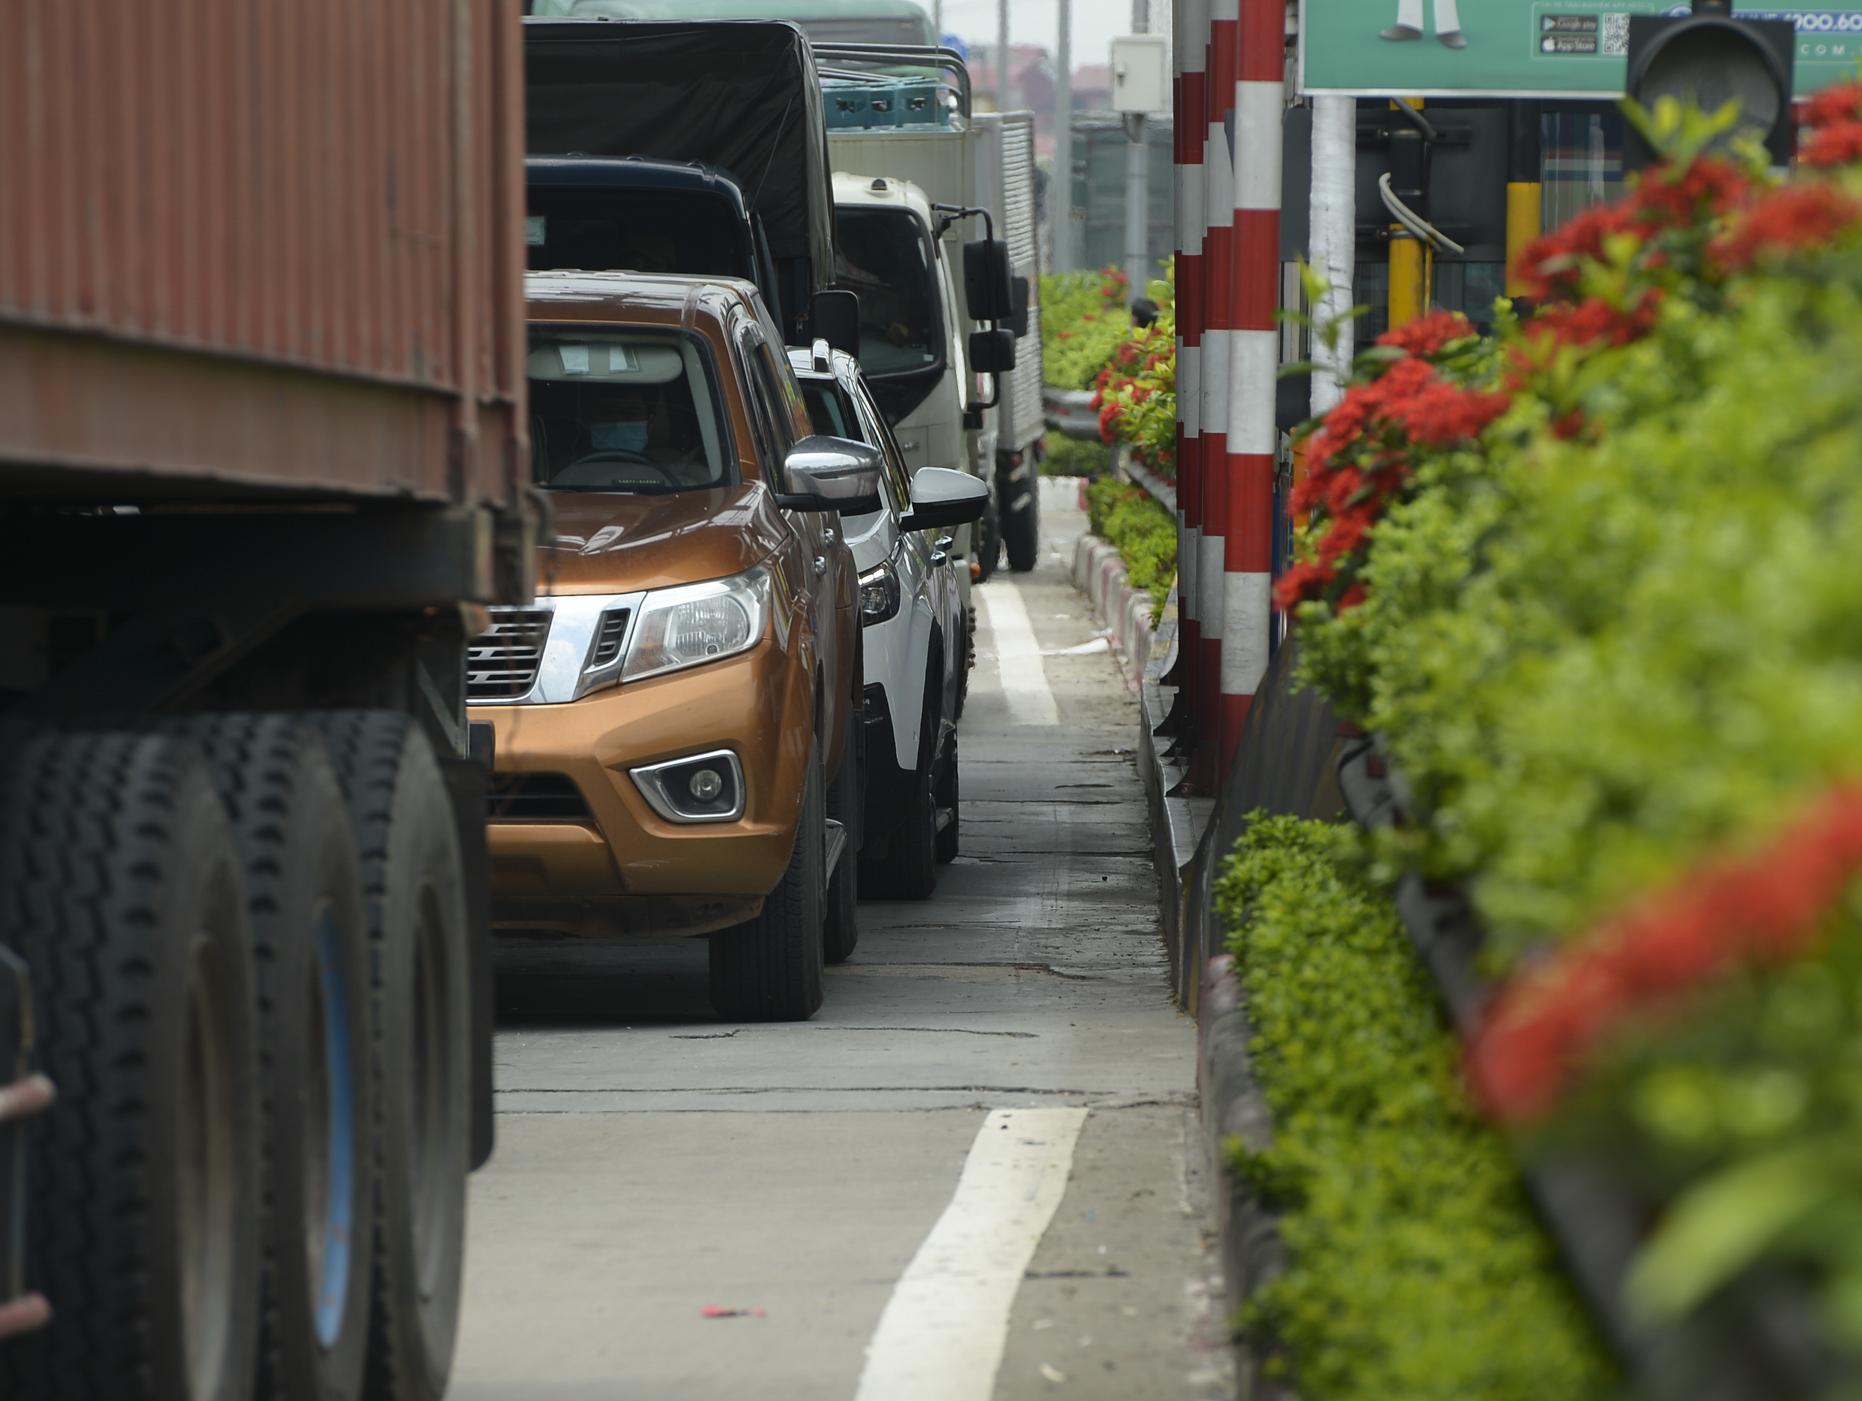 Hà Nội giãn cách xã hội, cao tốc Pháp Vân - Cầu Giẽ 80% xe phải quay đầu, nhiều tài xế bất ngờ, to tiếng với CSGT - Ảnh 8.